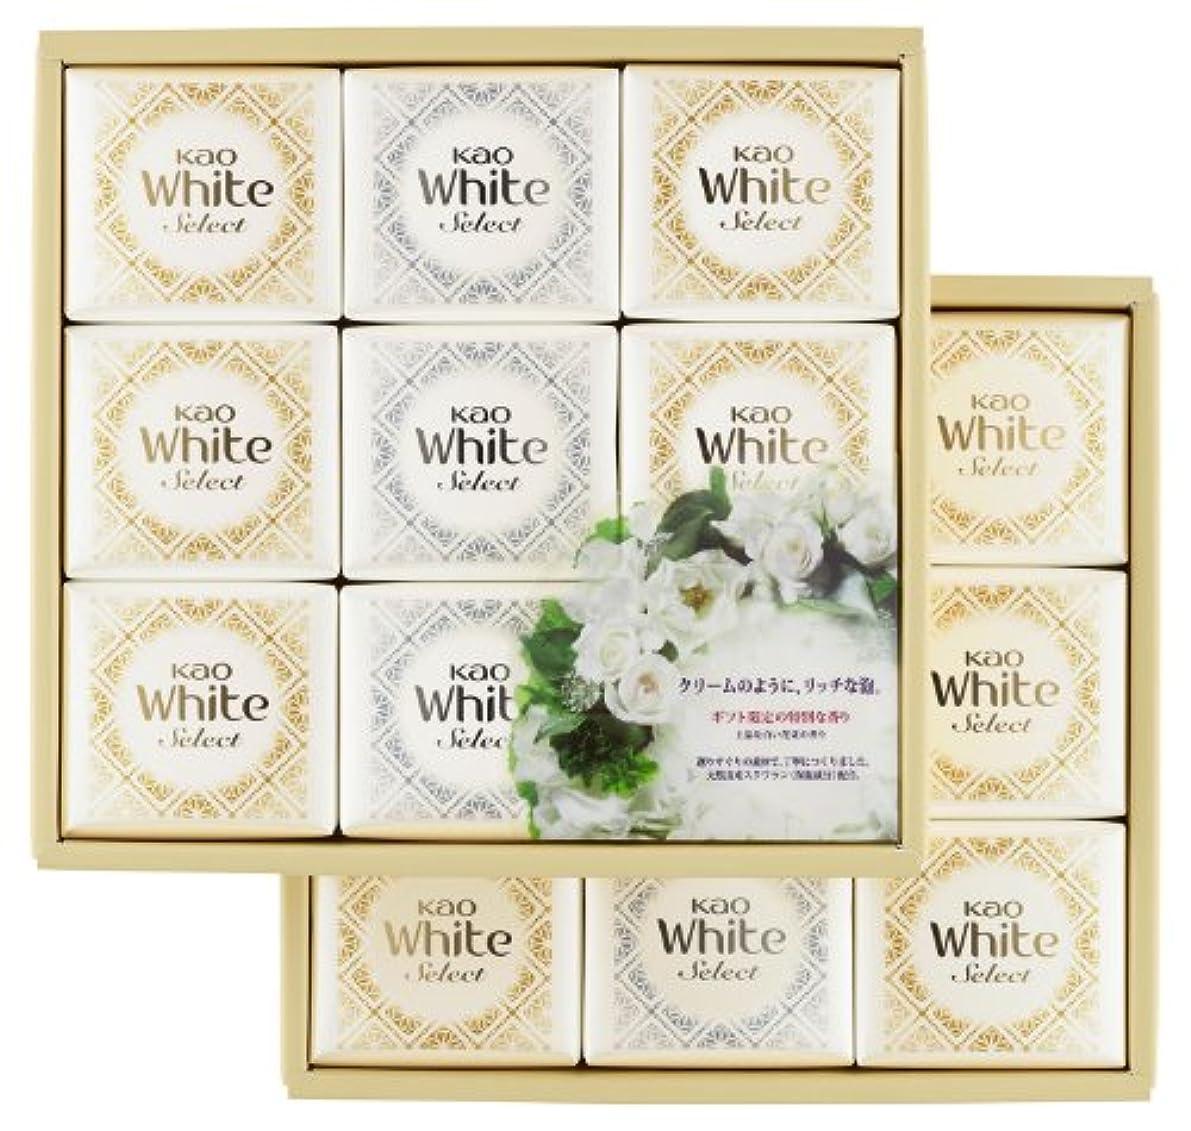 色盲信雨花王ホワイト セレクト 上品な白い花束の香り 85g 18コ K?WS-30